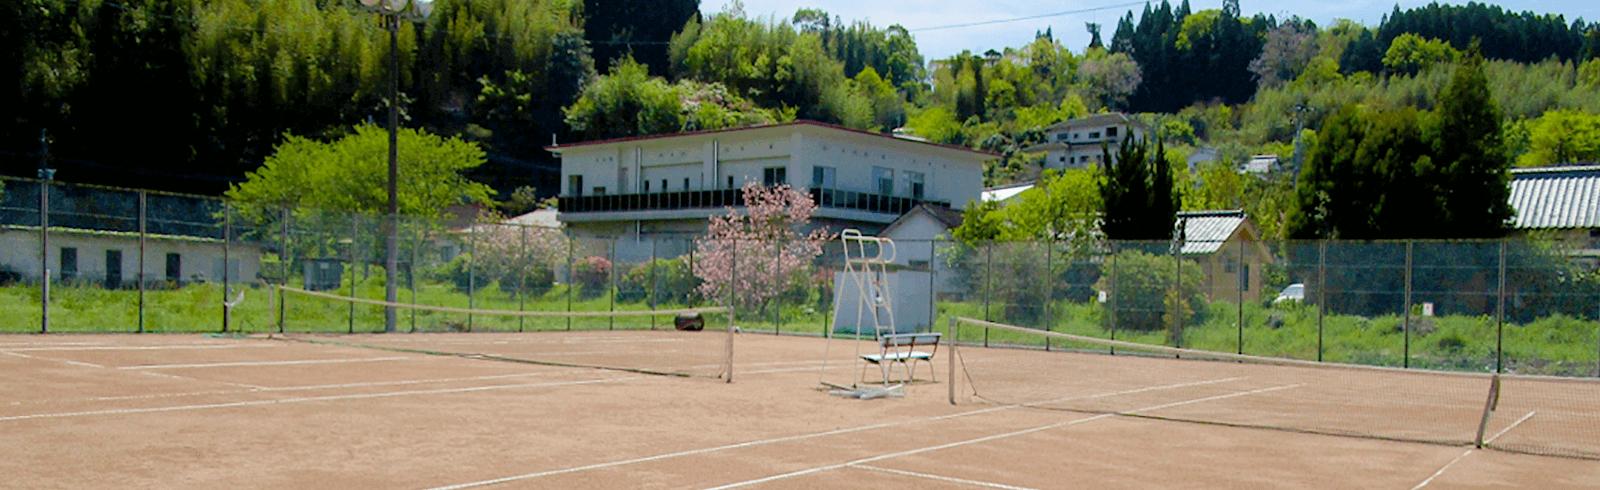 豊後大野市・千歳テニスコート